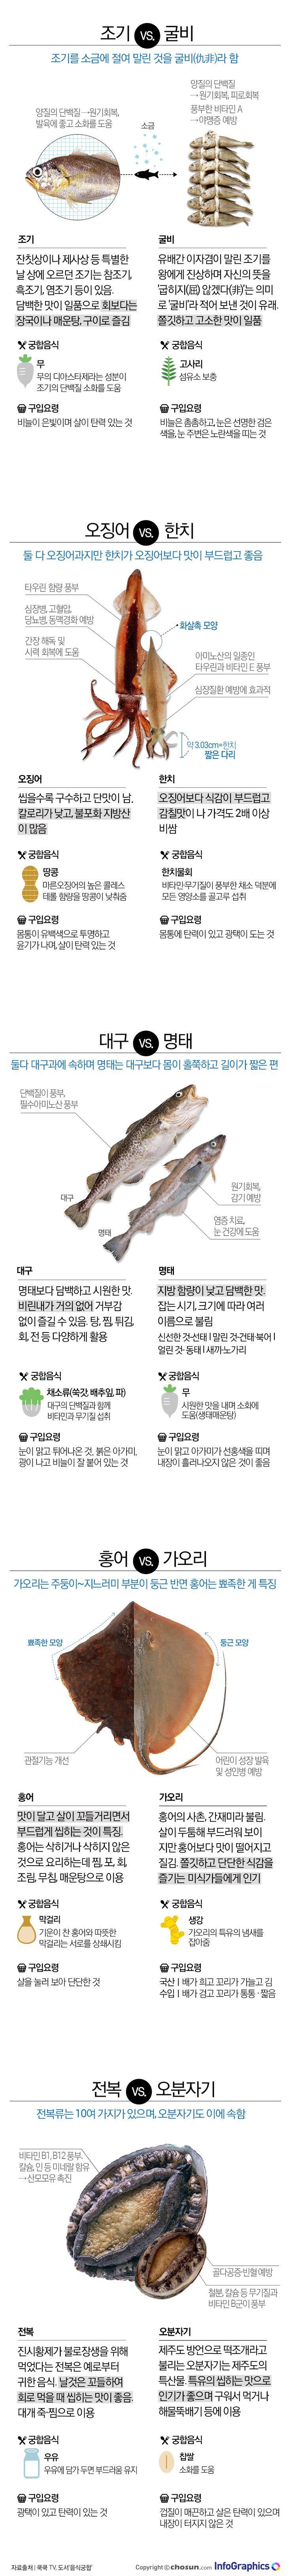 생김새가 닮아 구별이 어려웠던 생선, 같은 생선이나 가공방법에 따라 다른 이름을 가진 생선들의 맛과 효능 그리고 궁합음식을 알아본다.